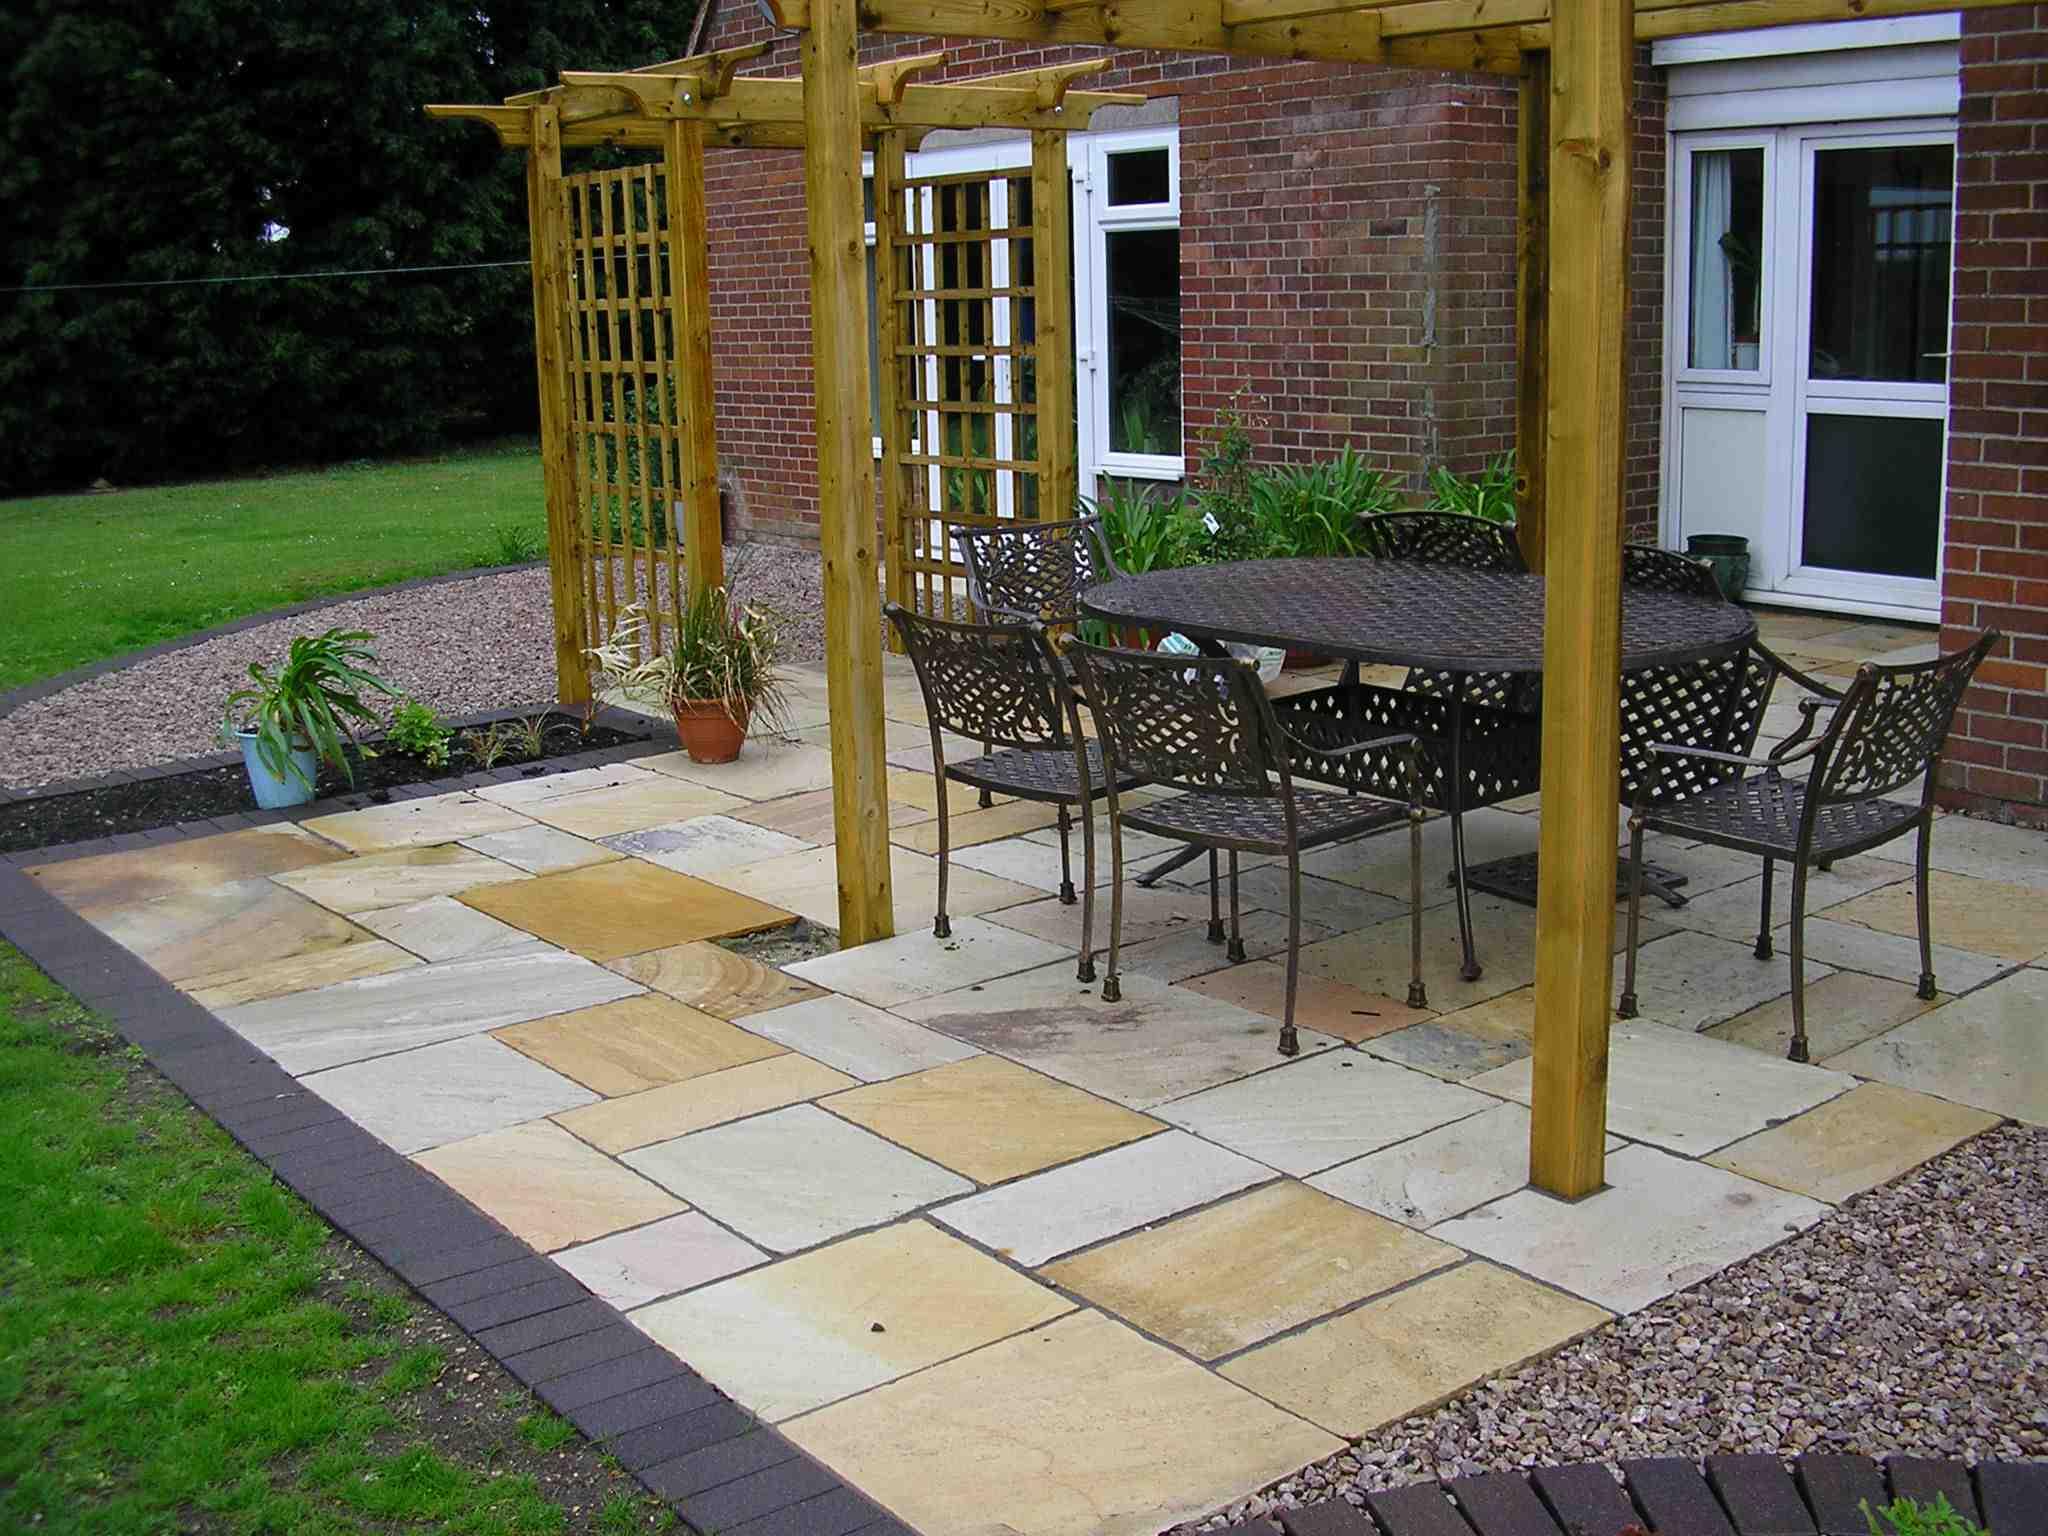 Portfiolio patios Burton on Trent example 6